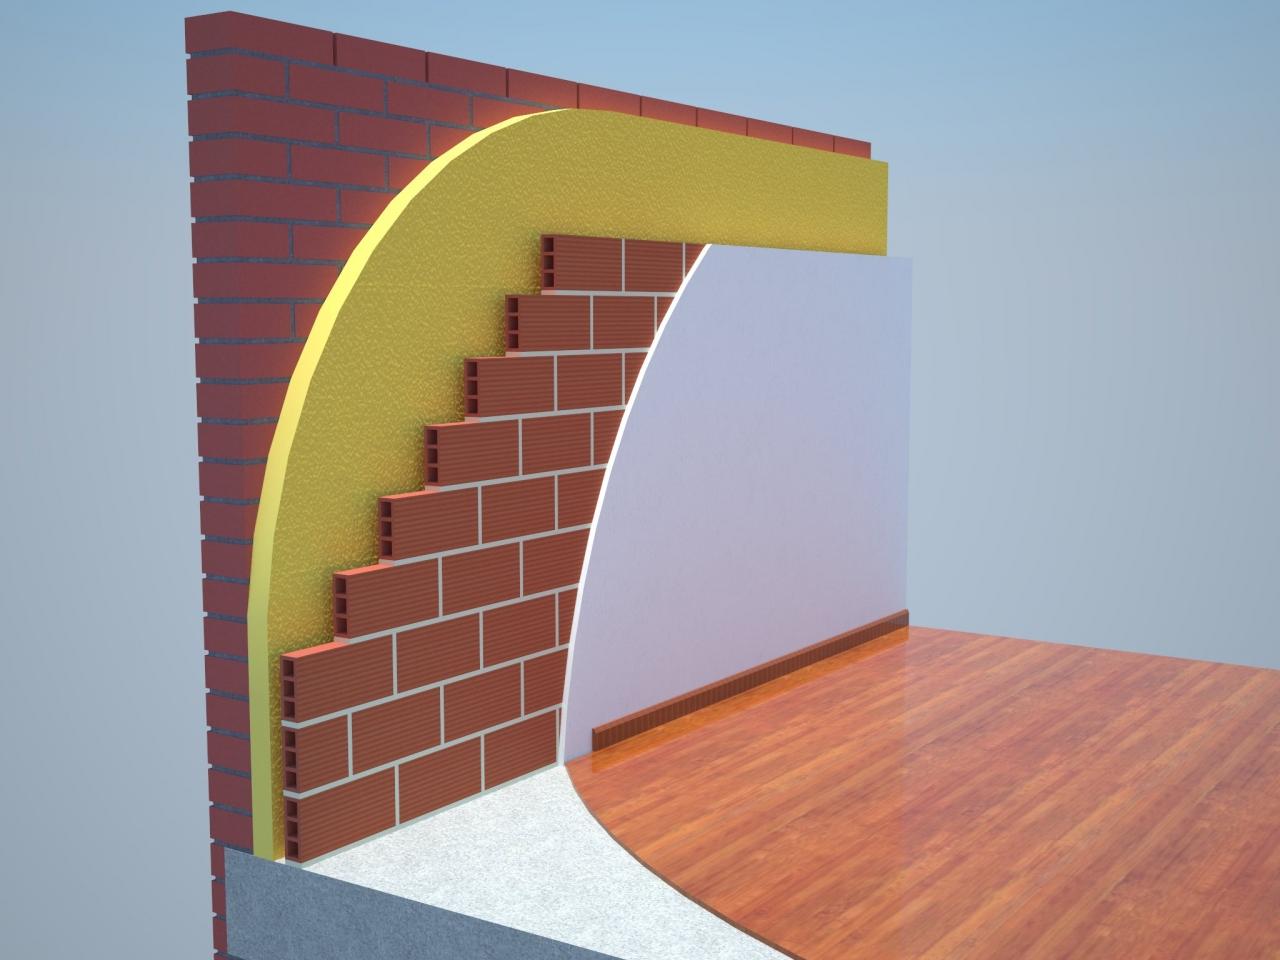 Materiali Per Coibentare Pareti Interne come isolare termicamente un appartamento - ticinonline